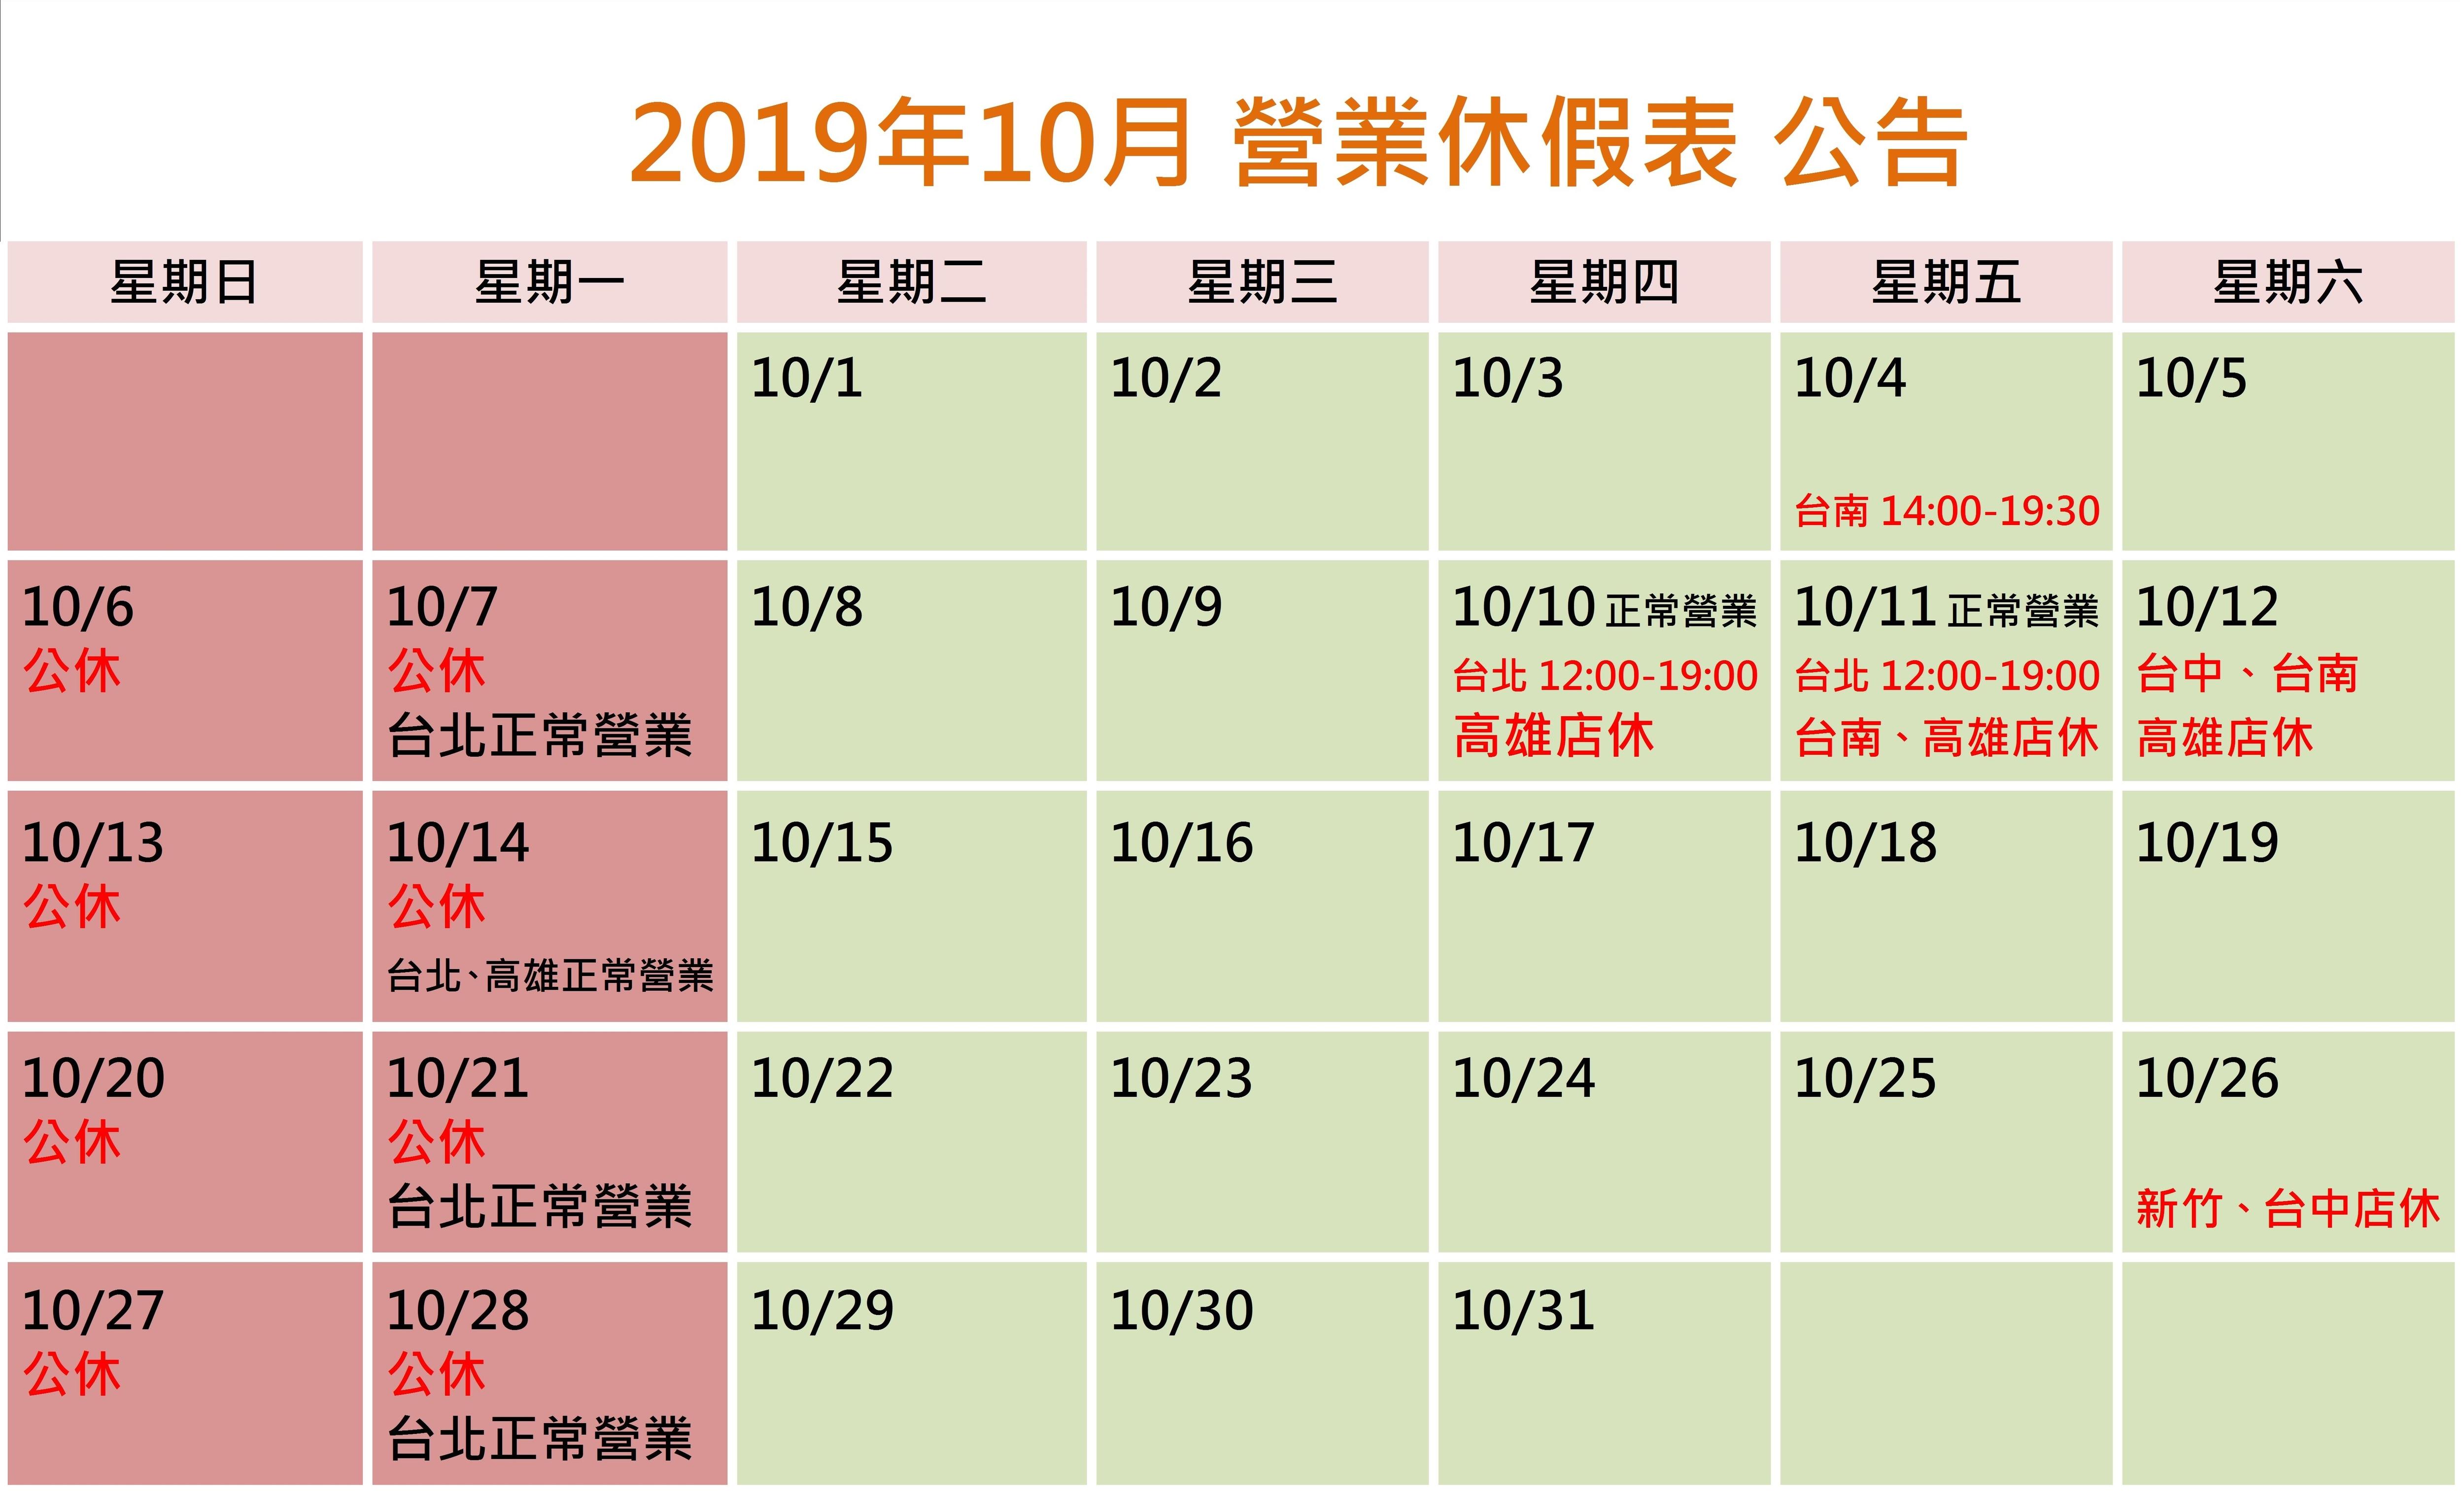 鴻宇光學門市10月營業休假日公告